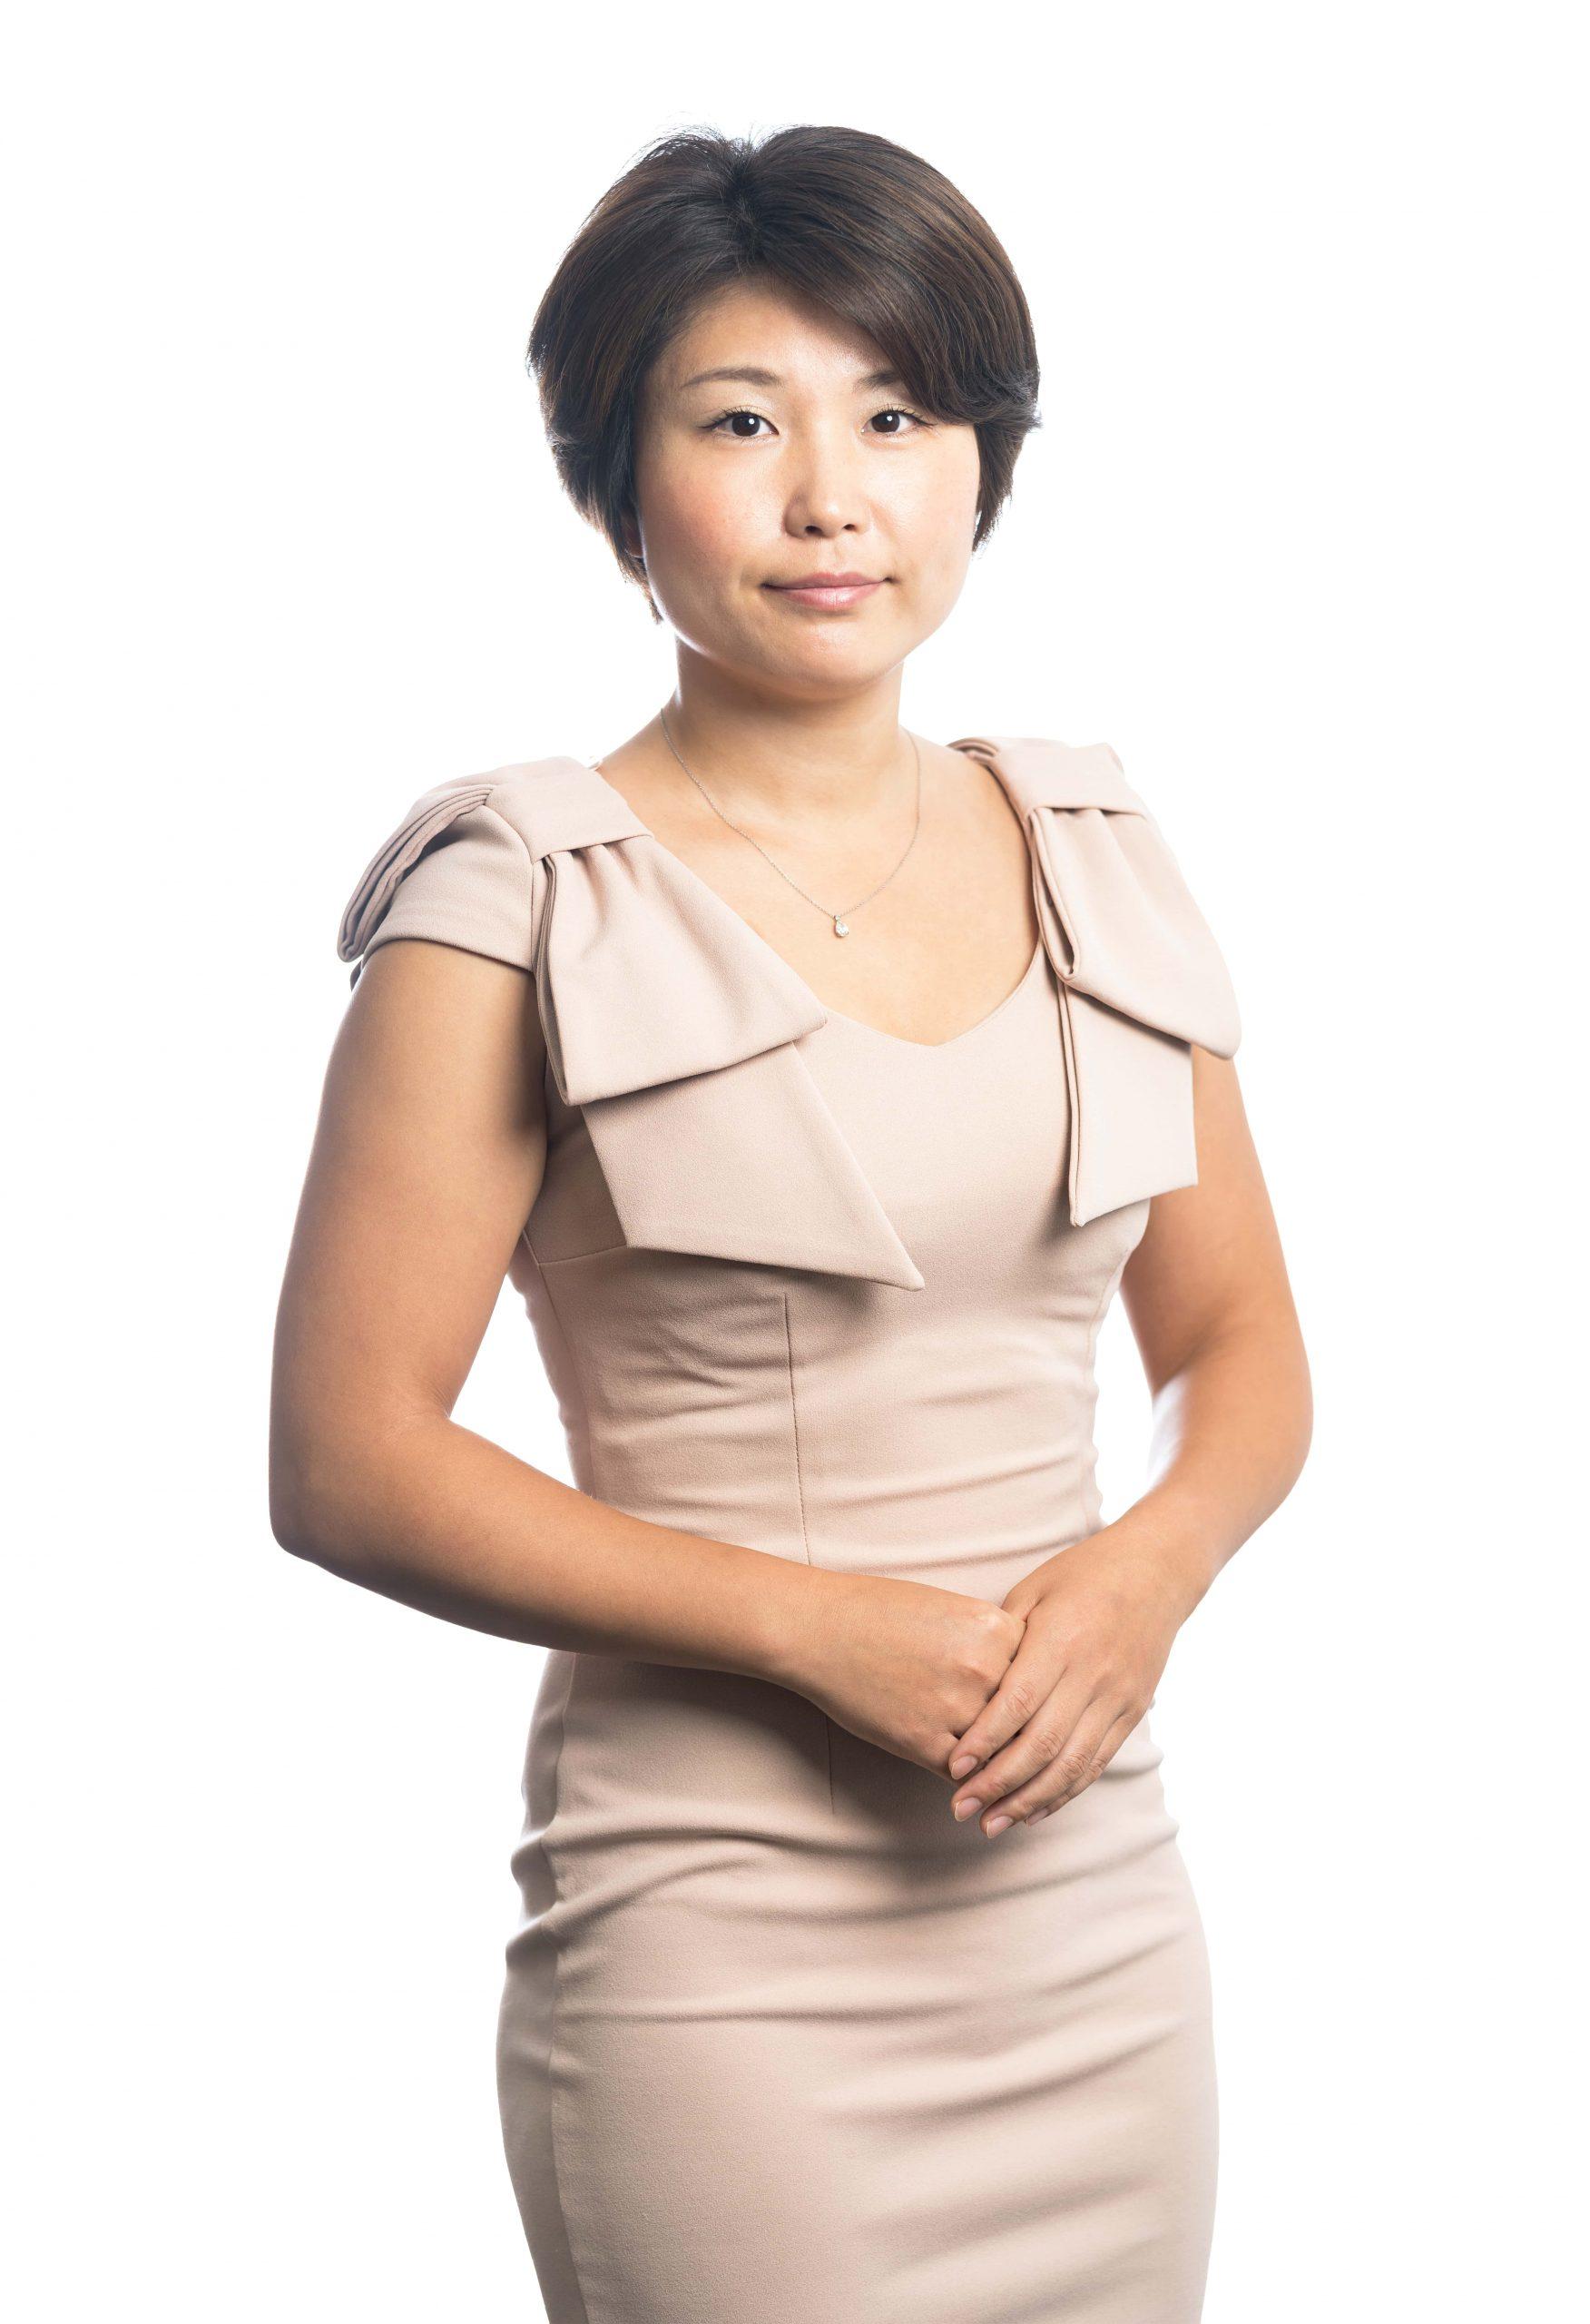 Kanako Murayama